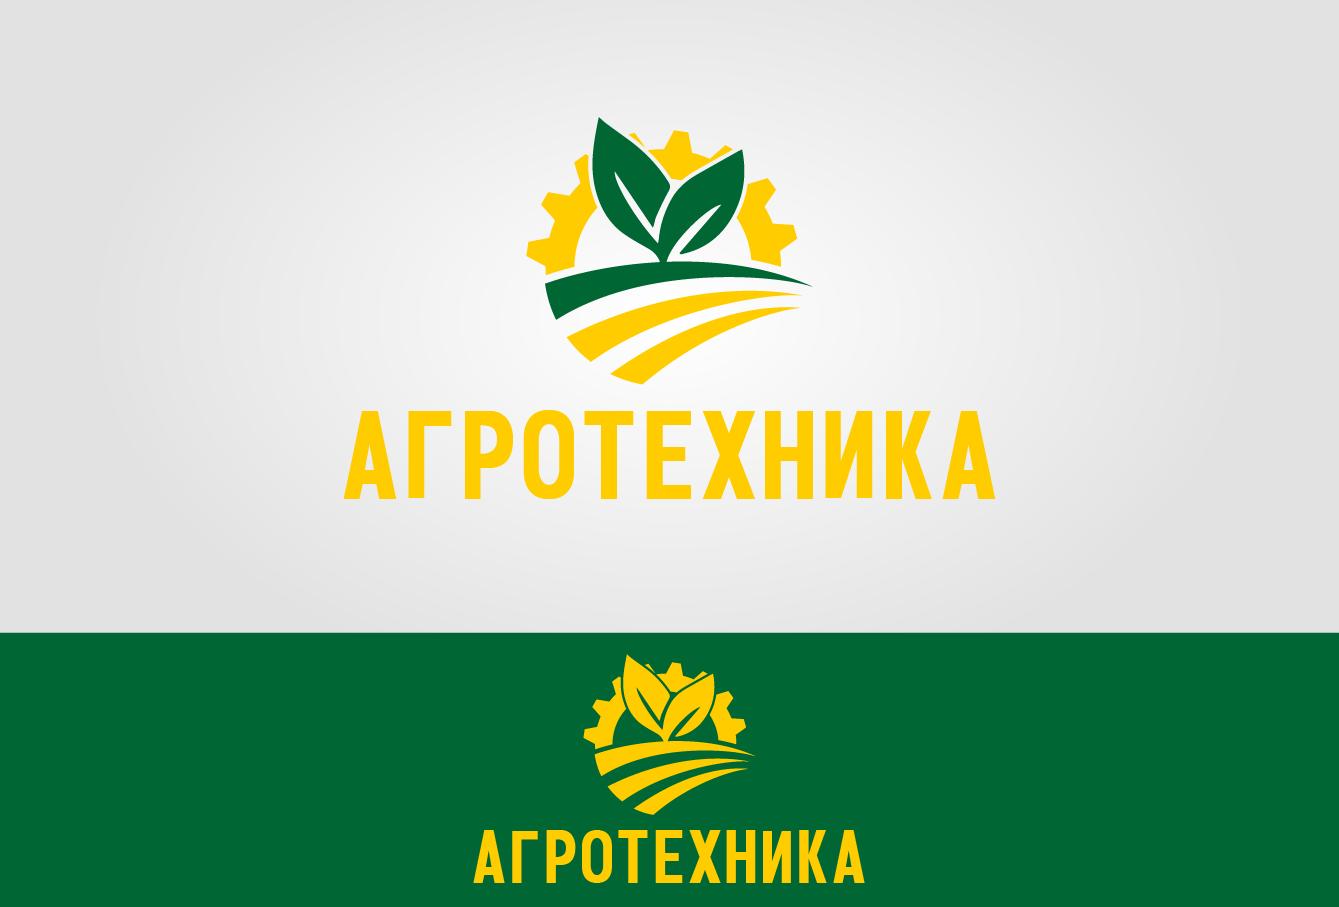 Разработка логотипа для компании Агротехника фото f_0345bffc1f510280.png